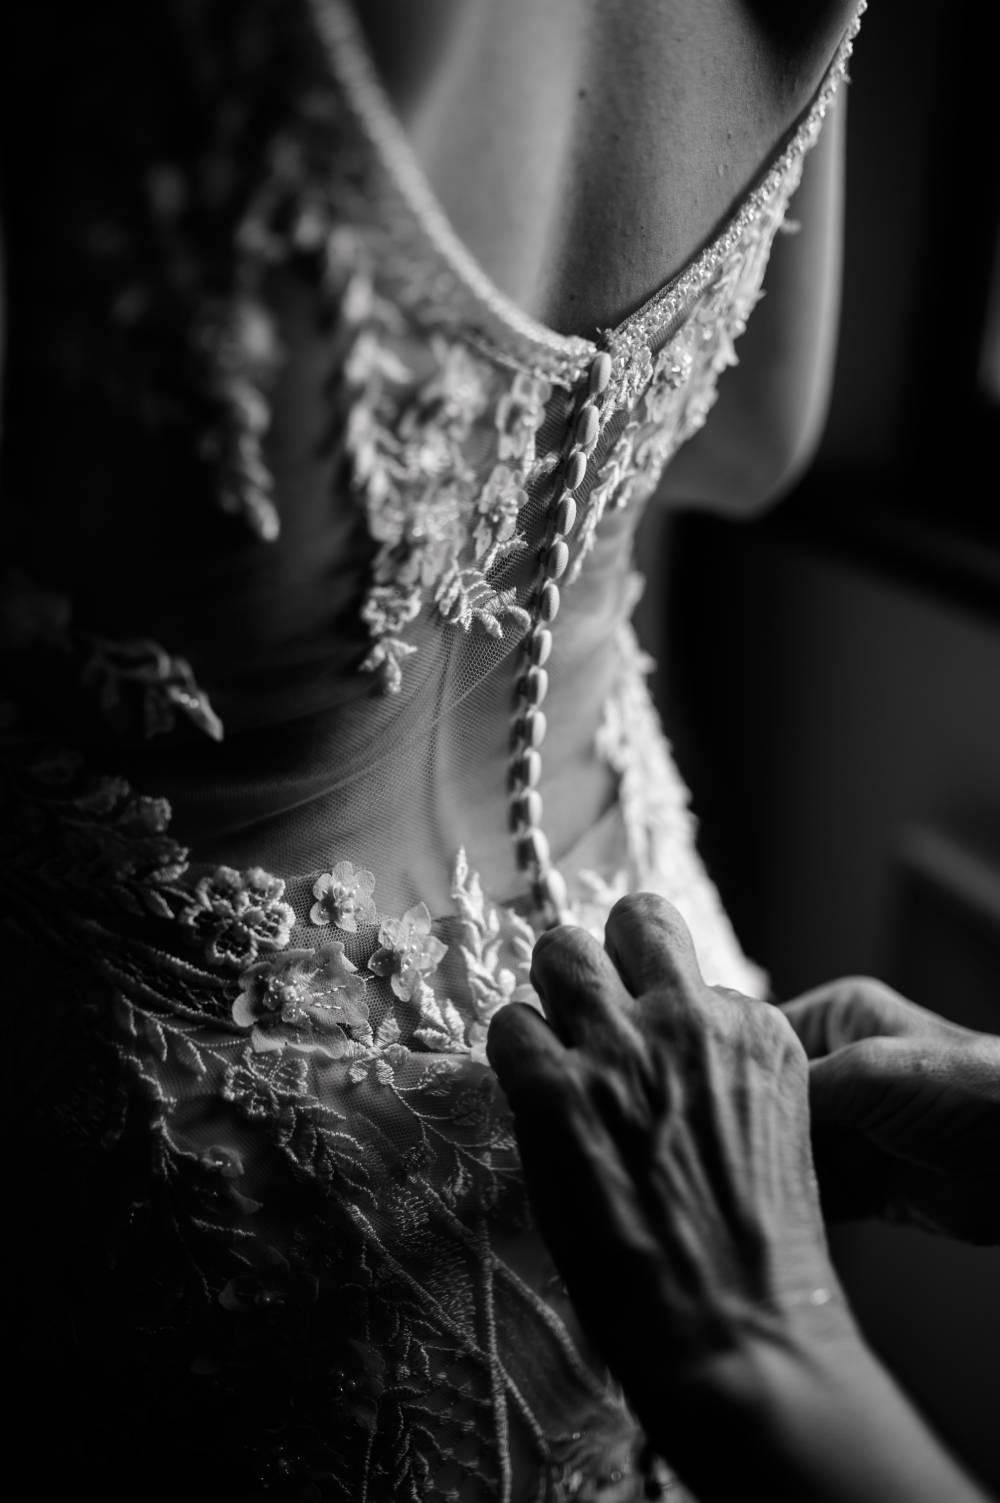 dos de la mariée, des main boutonnent la robe de mariée, photo prise par photographe de mariage Alpes maritimes